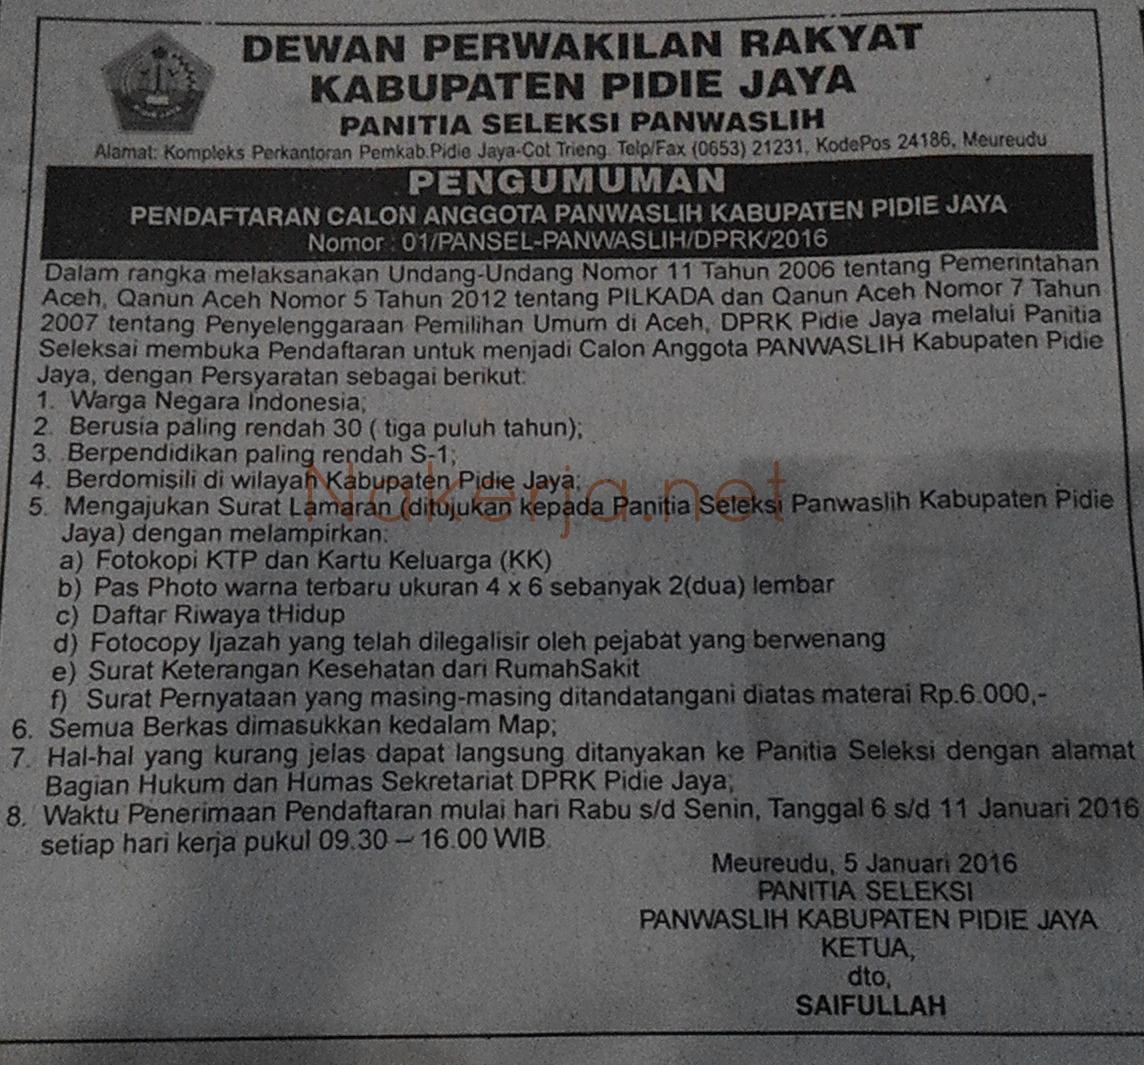 Lowongan Panwaslih Pidie Jaya